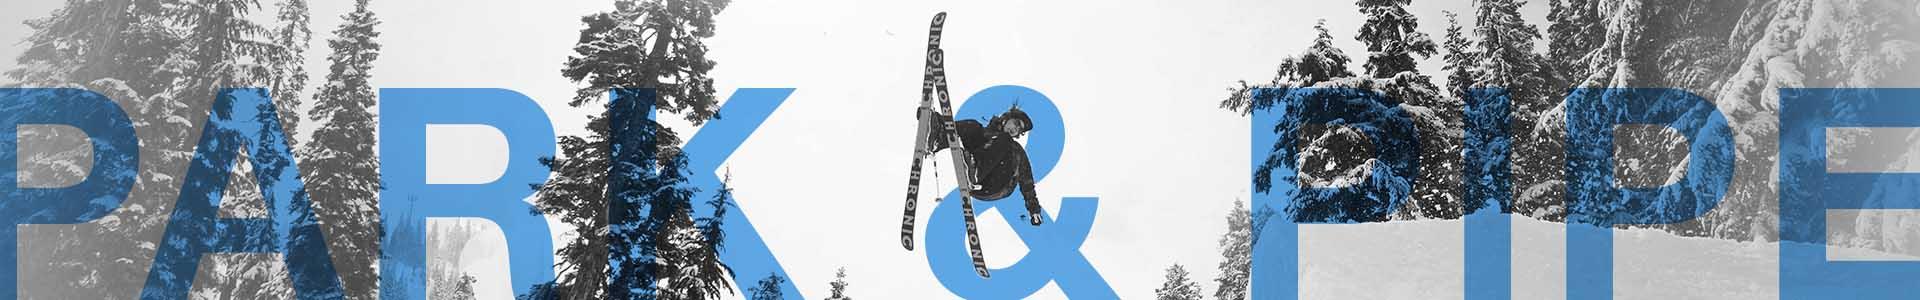 ski-skis-parkandpipe-1920x300.jpg